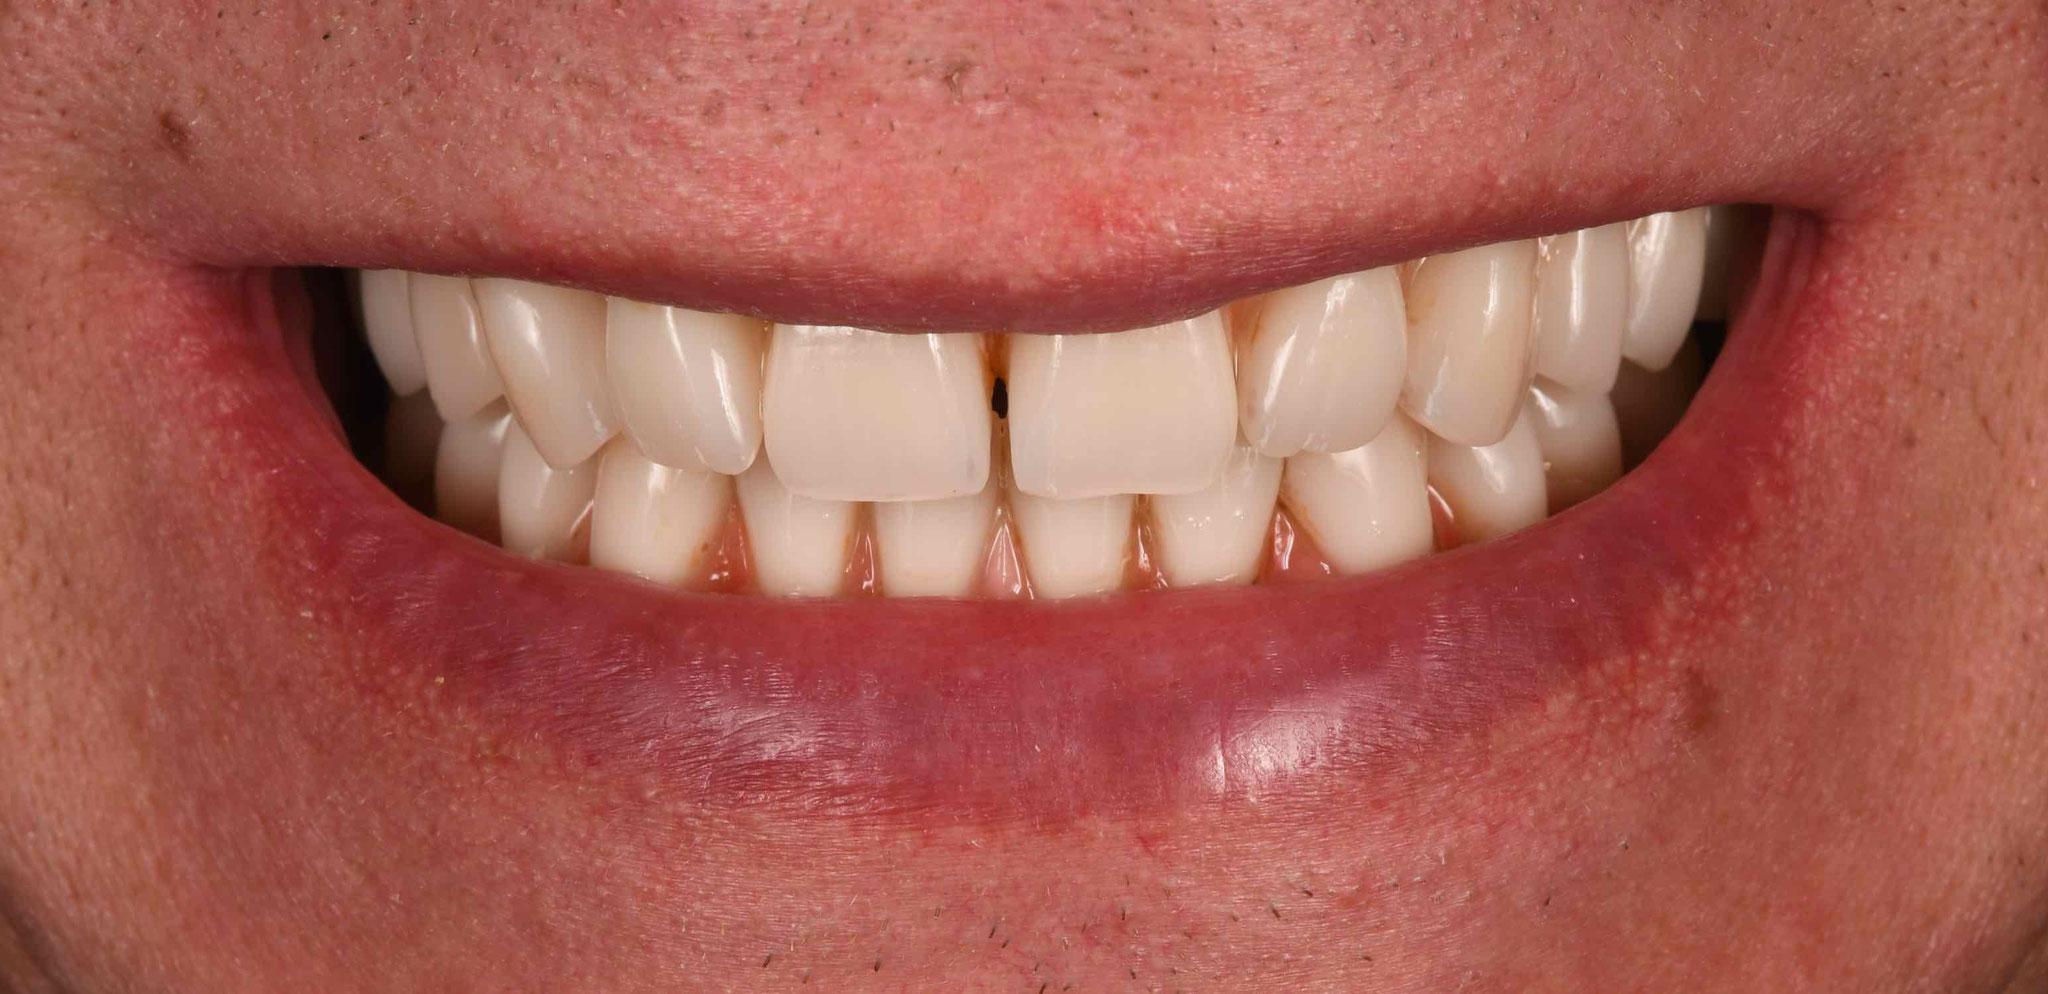 Case-3. 4 New Smile Creapearl